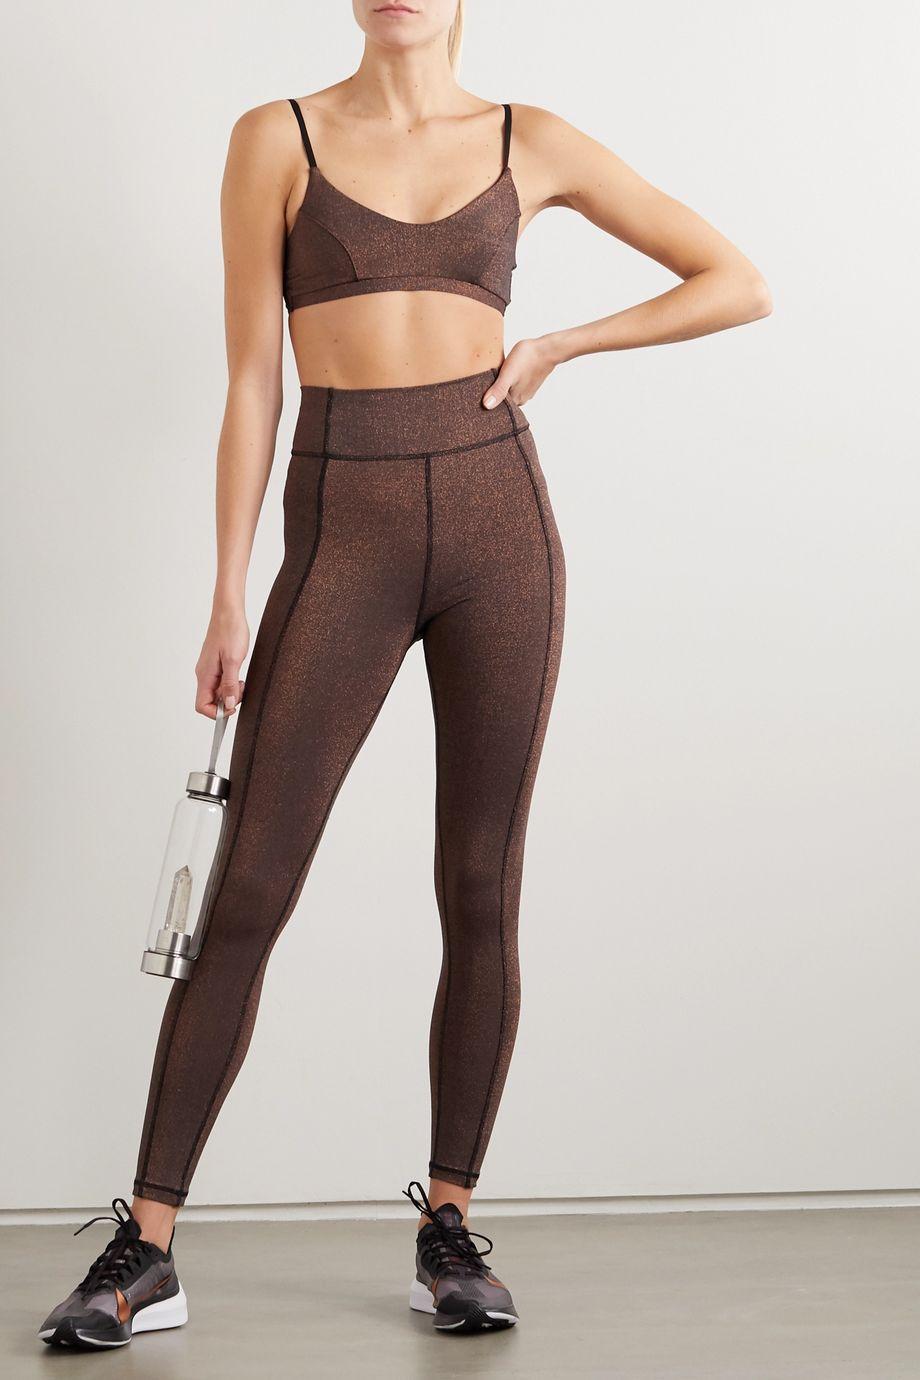 The Upside Aquarius Dance metallic stretch leggings